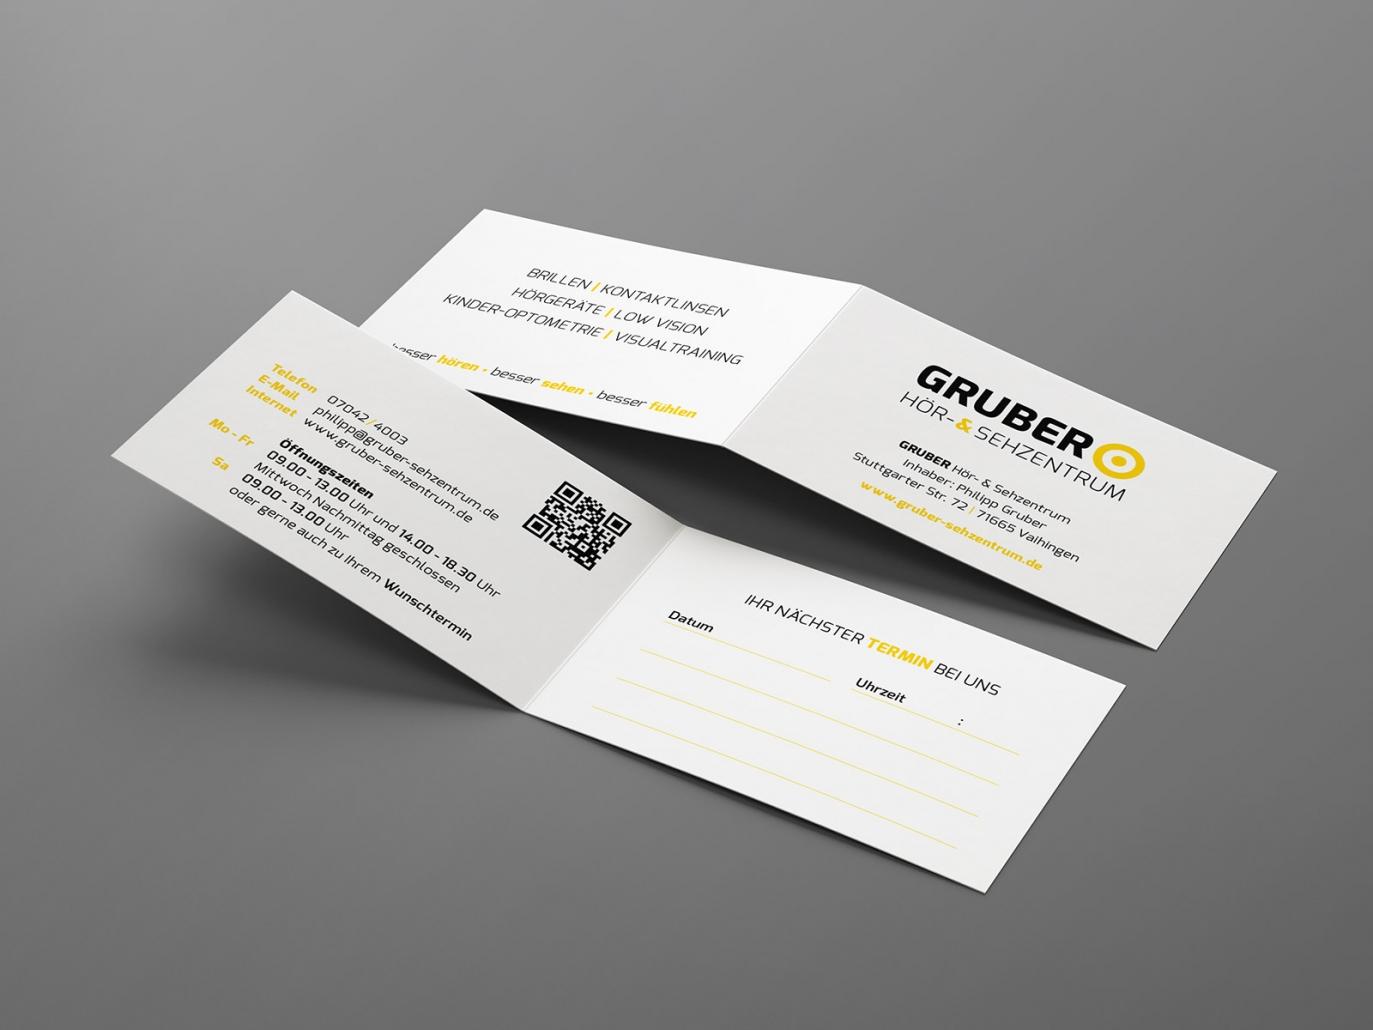 Terminkarten für Gruber Hör- & Sehzentrum